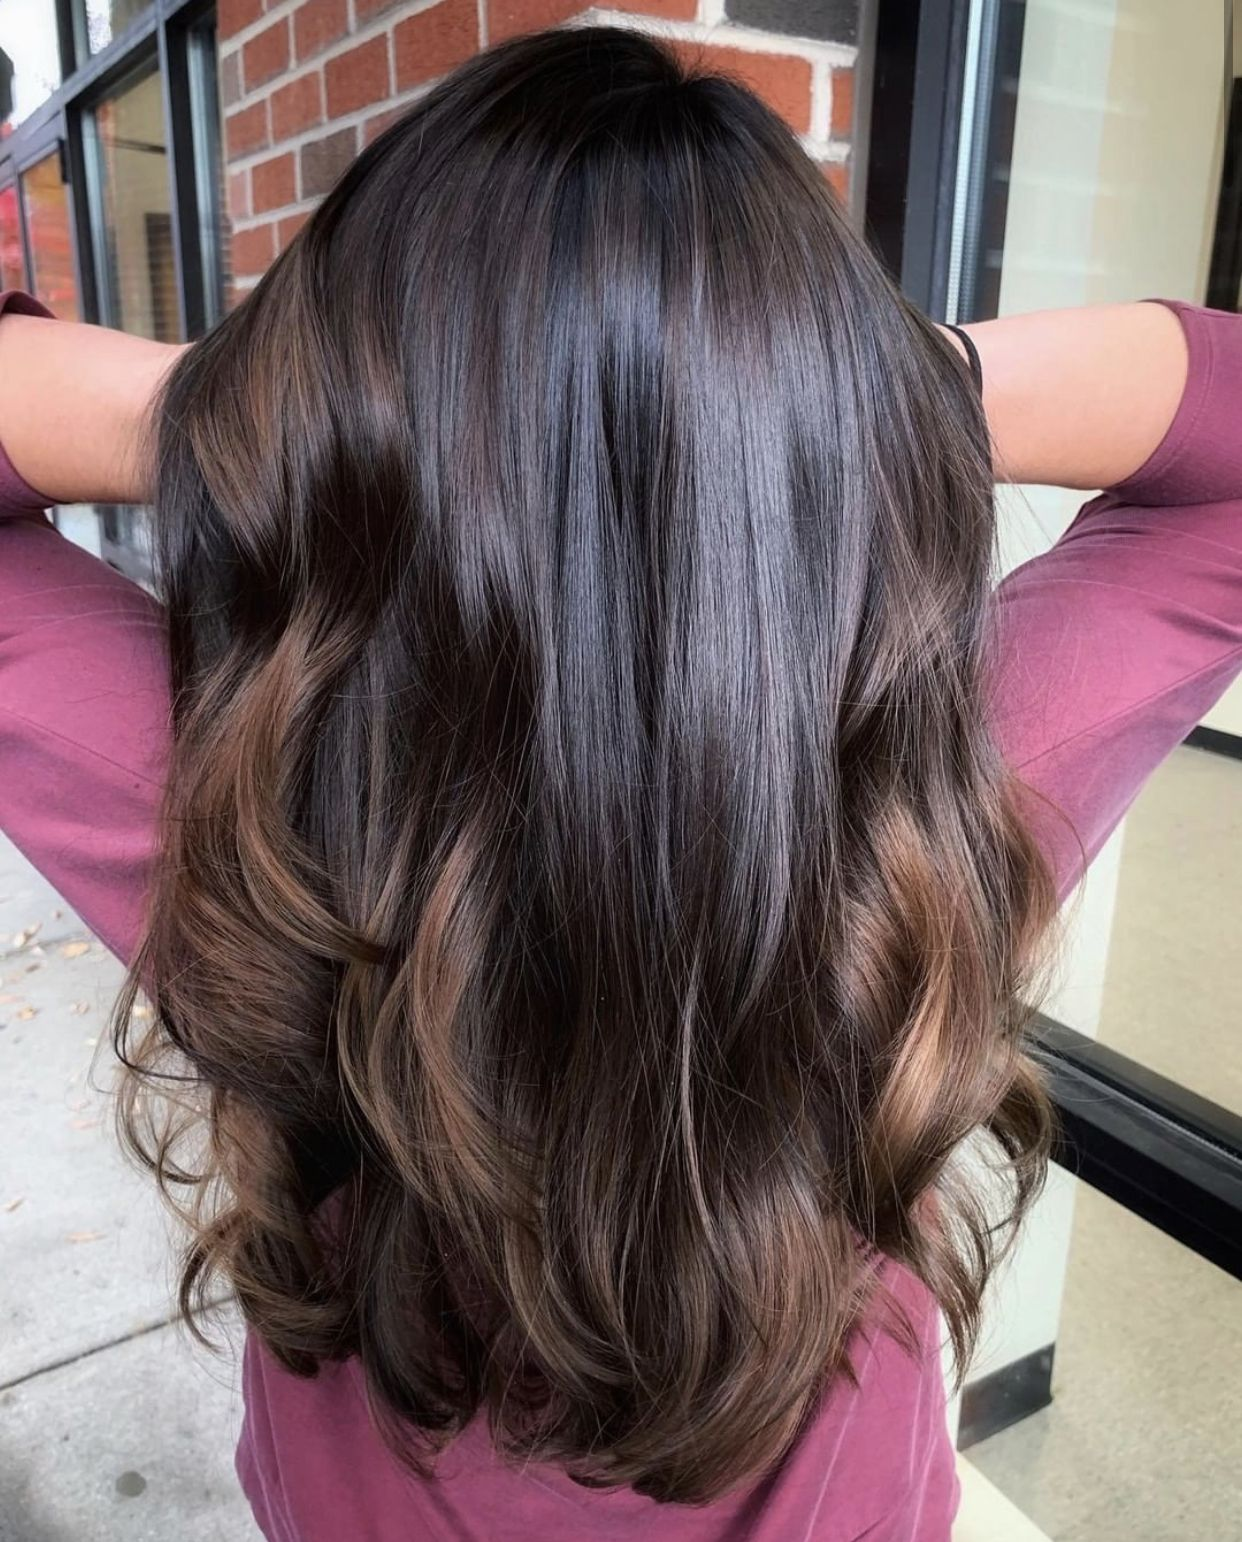 Brunette Long Lush Hair Shades Of Brunette Long Hair Styles Hair